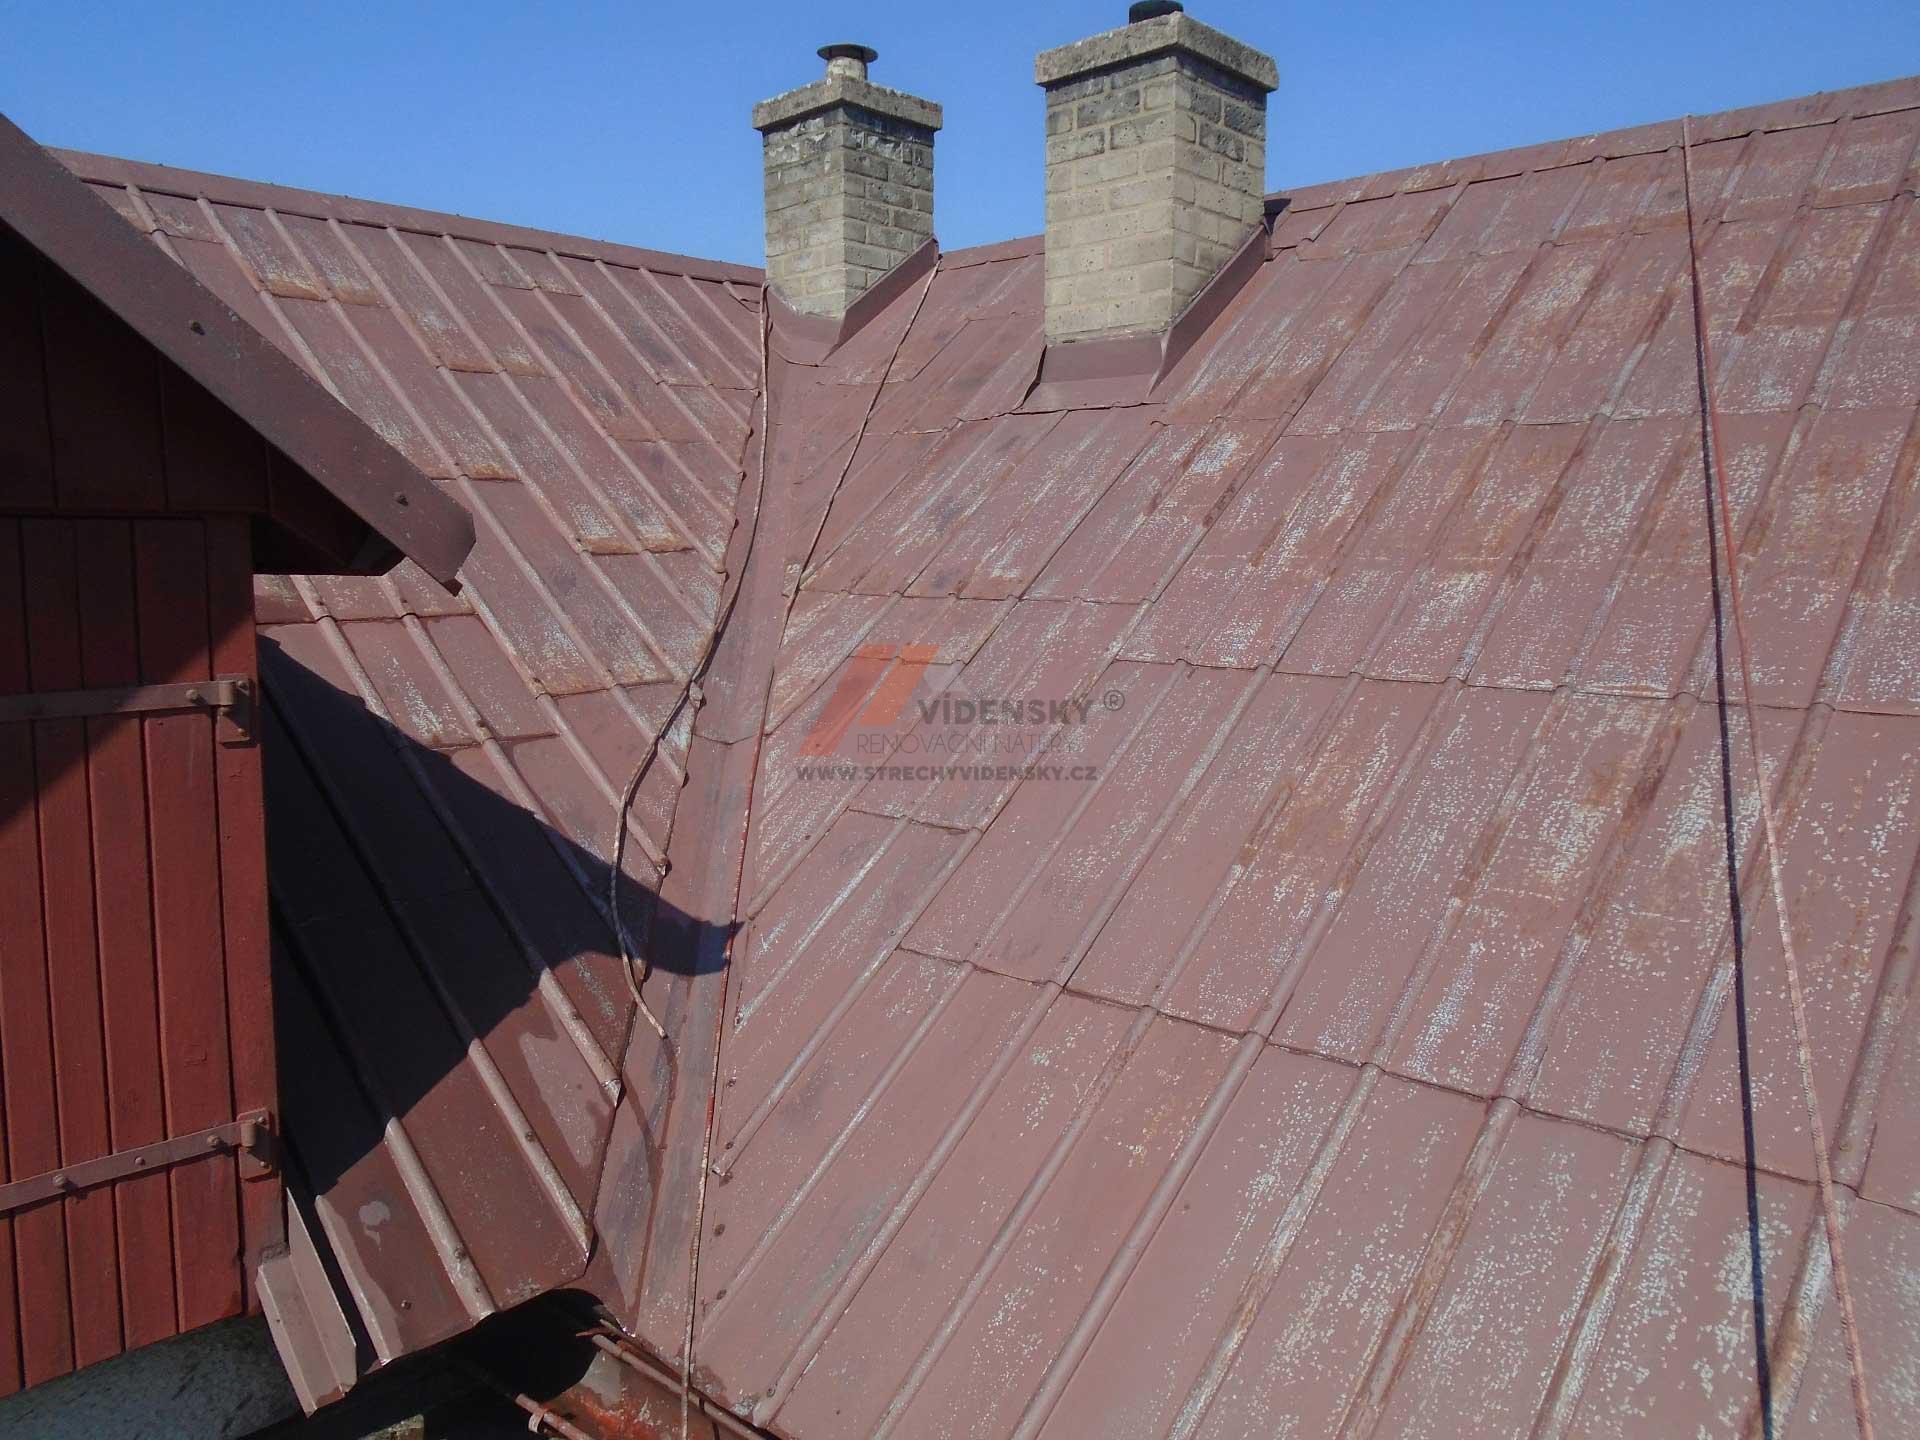 Vídenský | Renovační nátěr plechové střechy 07 - Původní stav